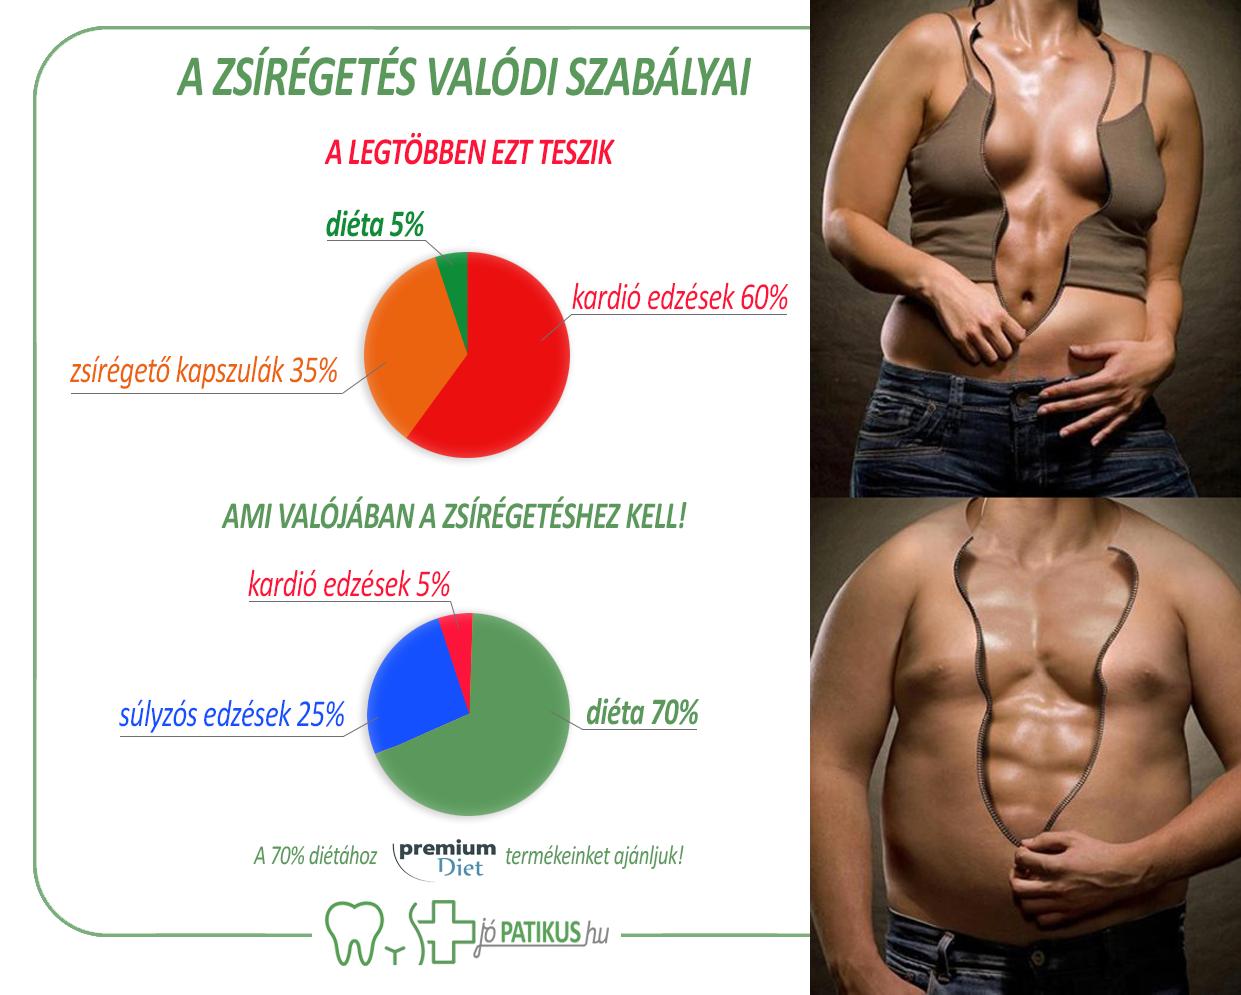 zsírégető emberi test)